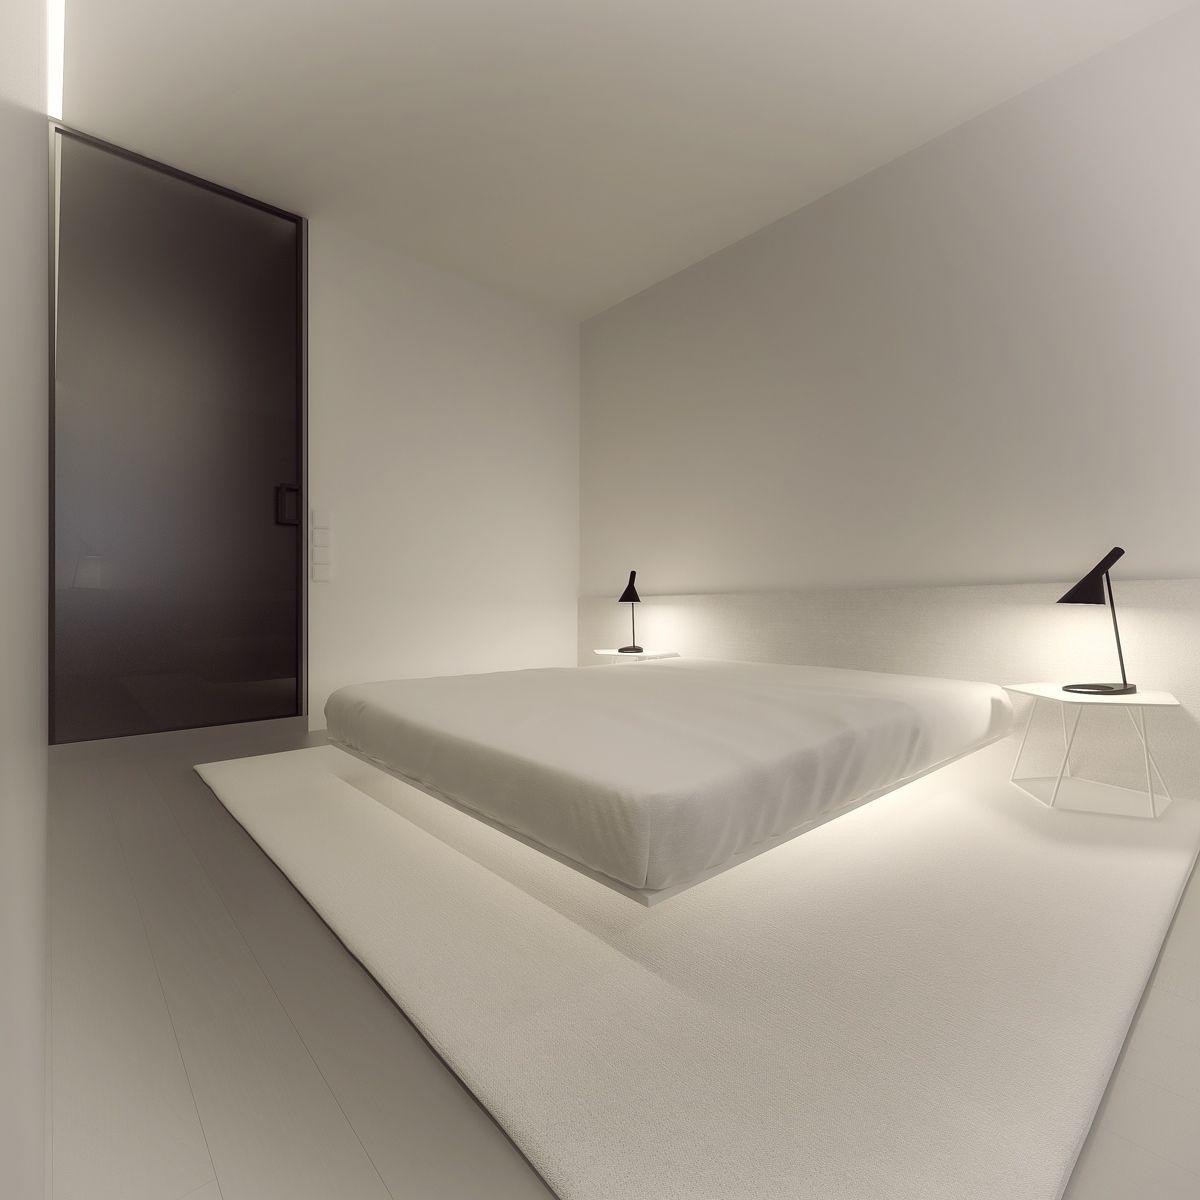 moderne hauptschlafzimmer designs bedroom ideas minimalistische wohnung interior design mit grauen farben malen ideen design farben grauen interior malen minimalistische wohnung